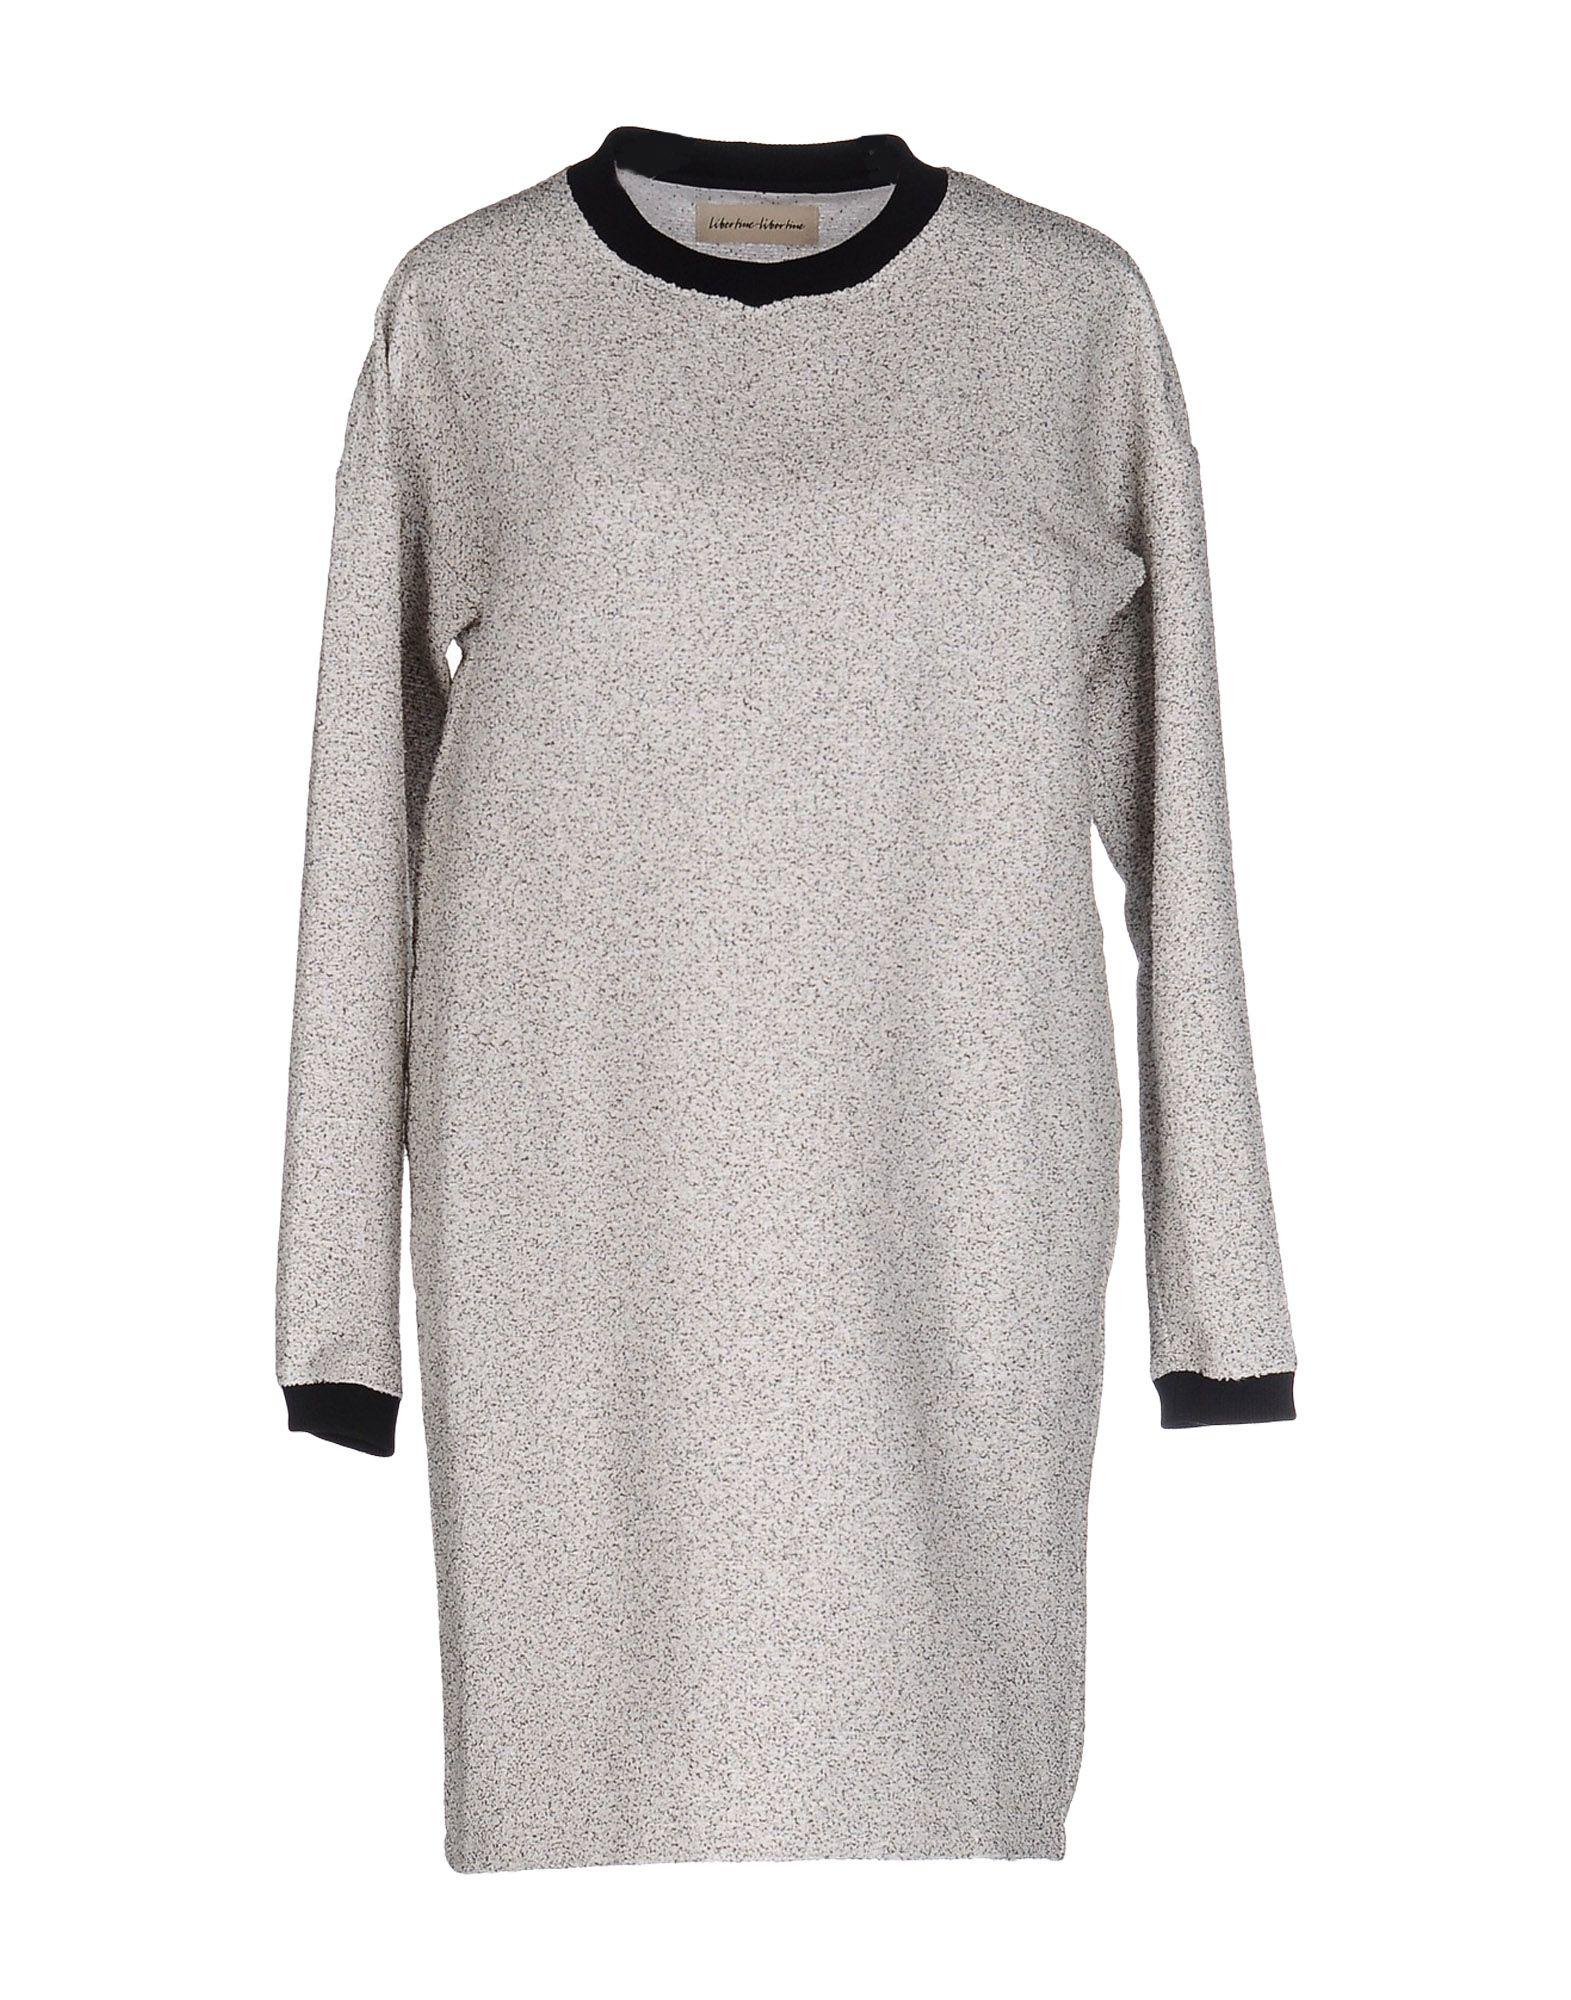 LIBERTINE-LIBERTINE Short Dress in White